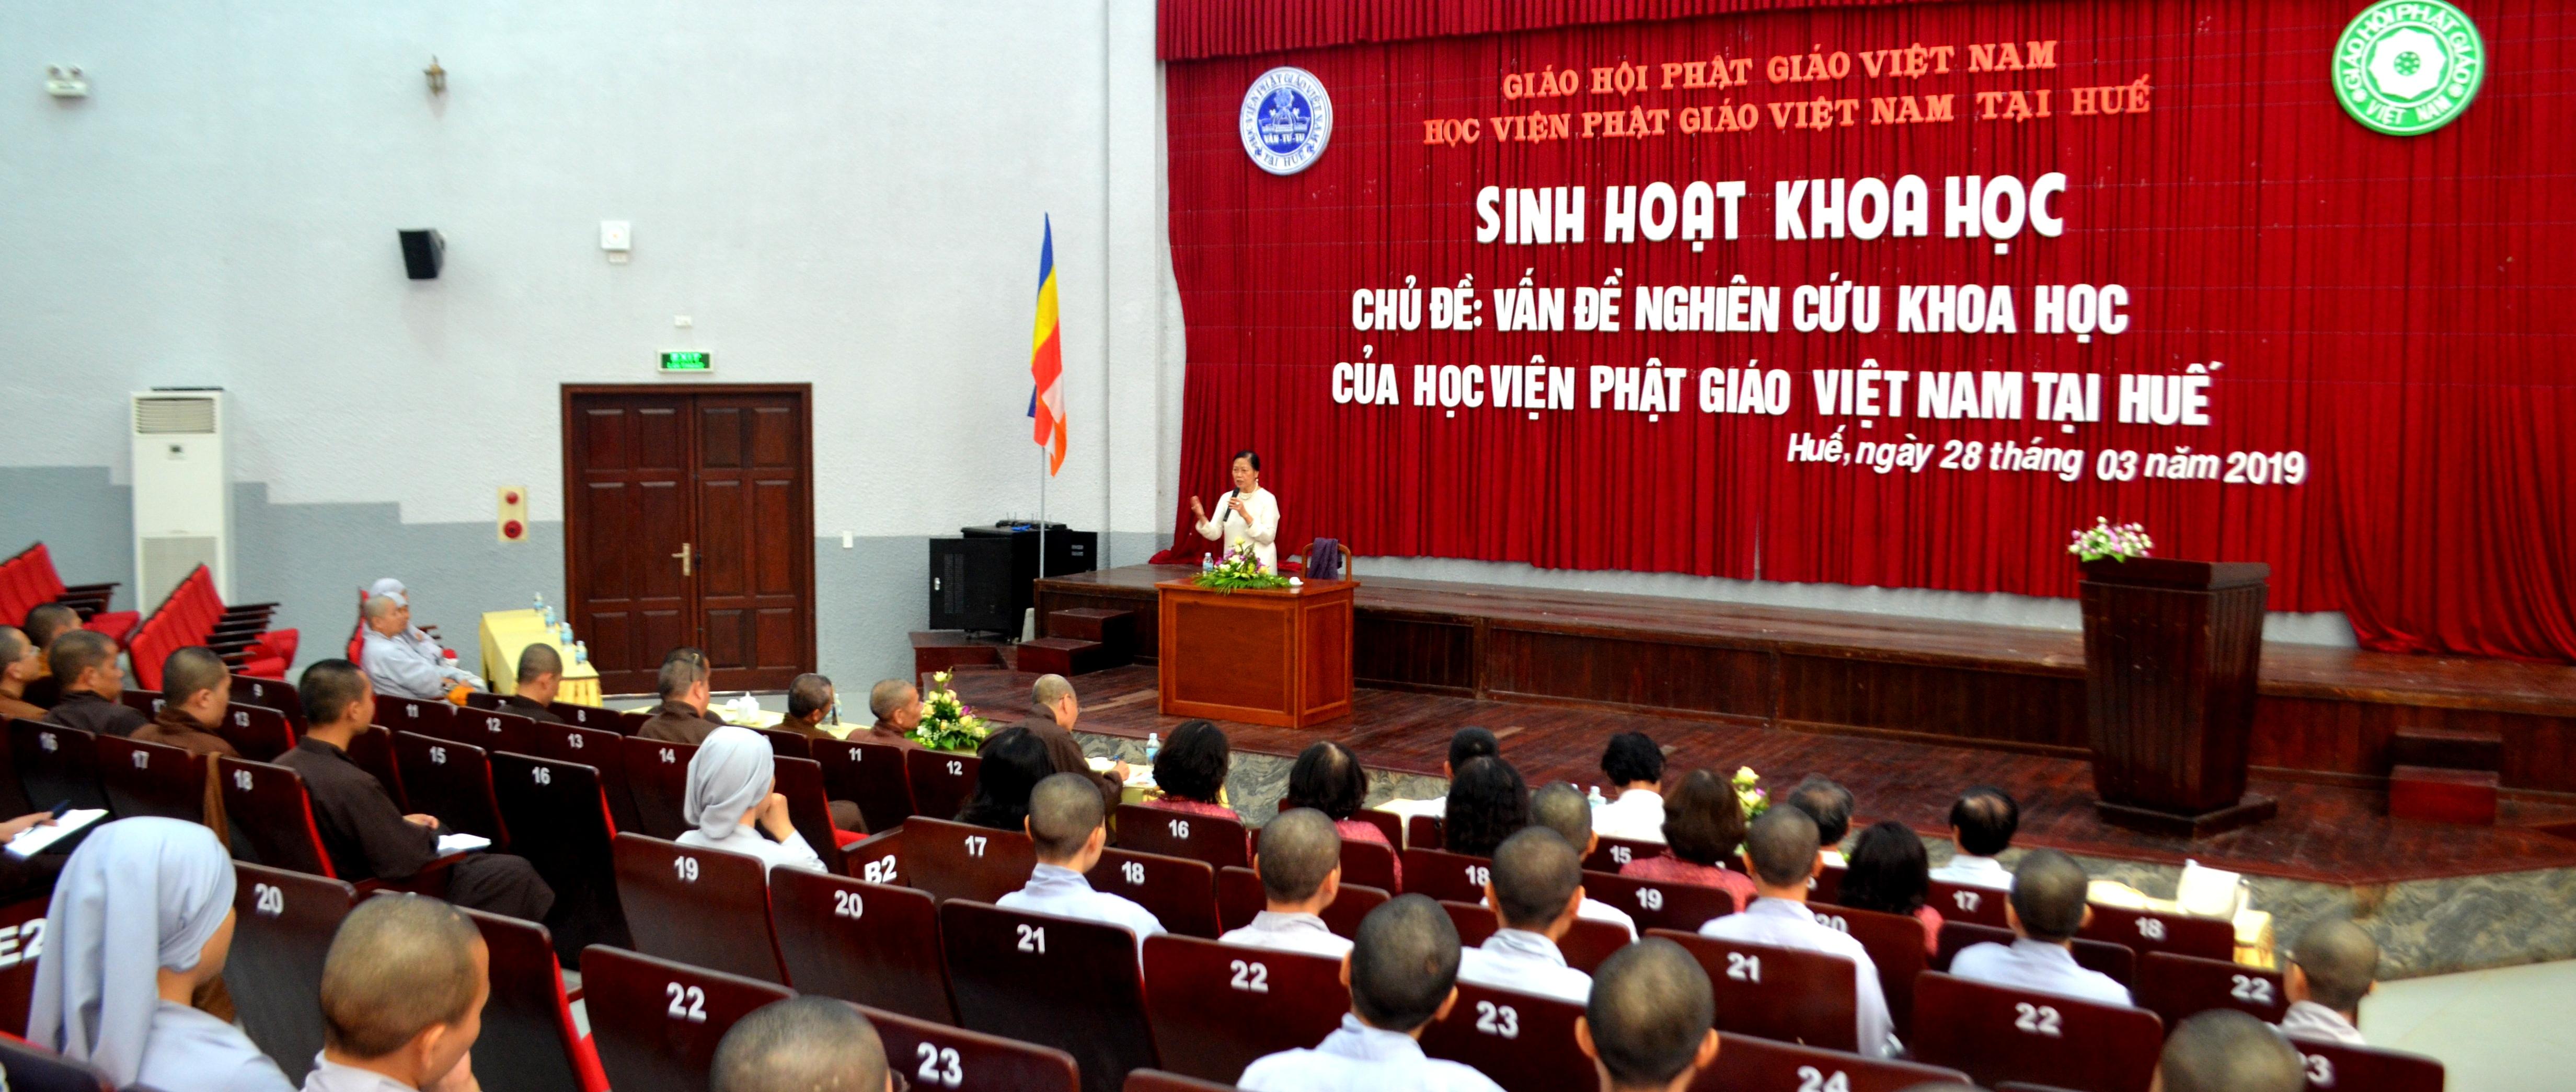 Học viện PGVN tại Huế tổ chức sinh hoạt nghiên cứu khoa học